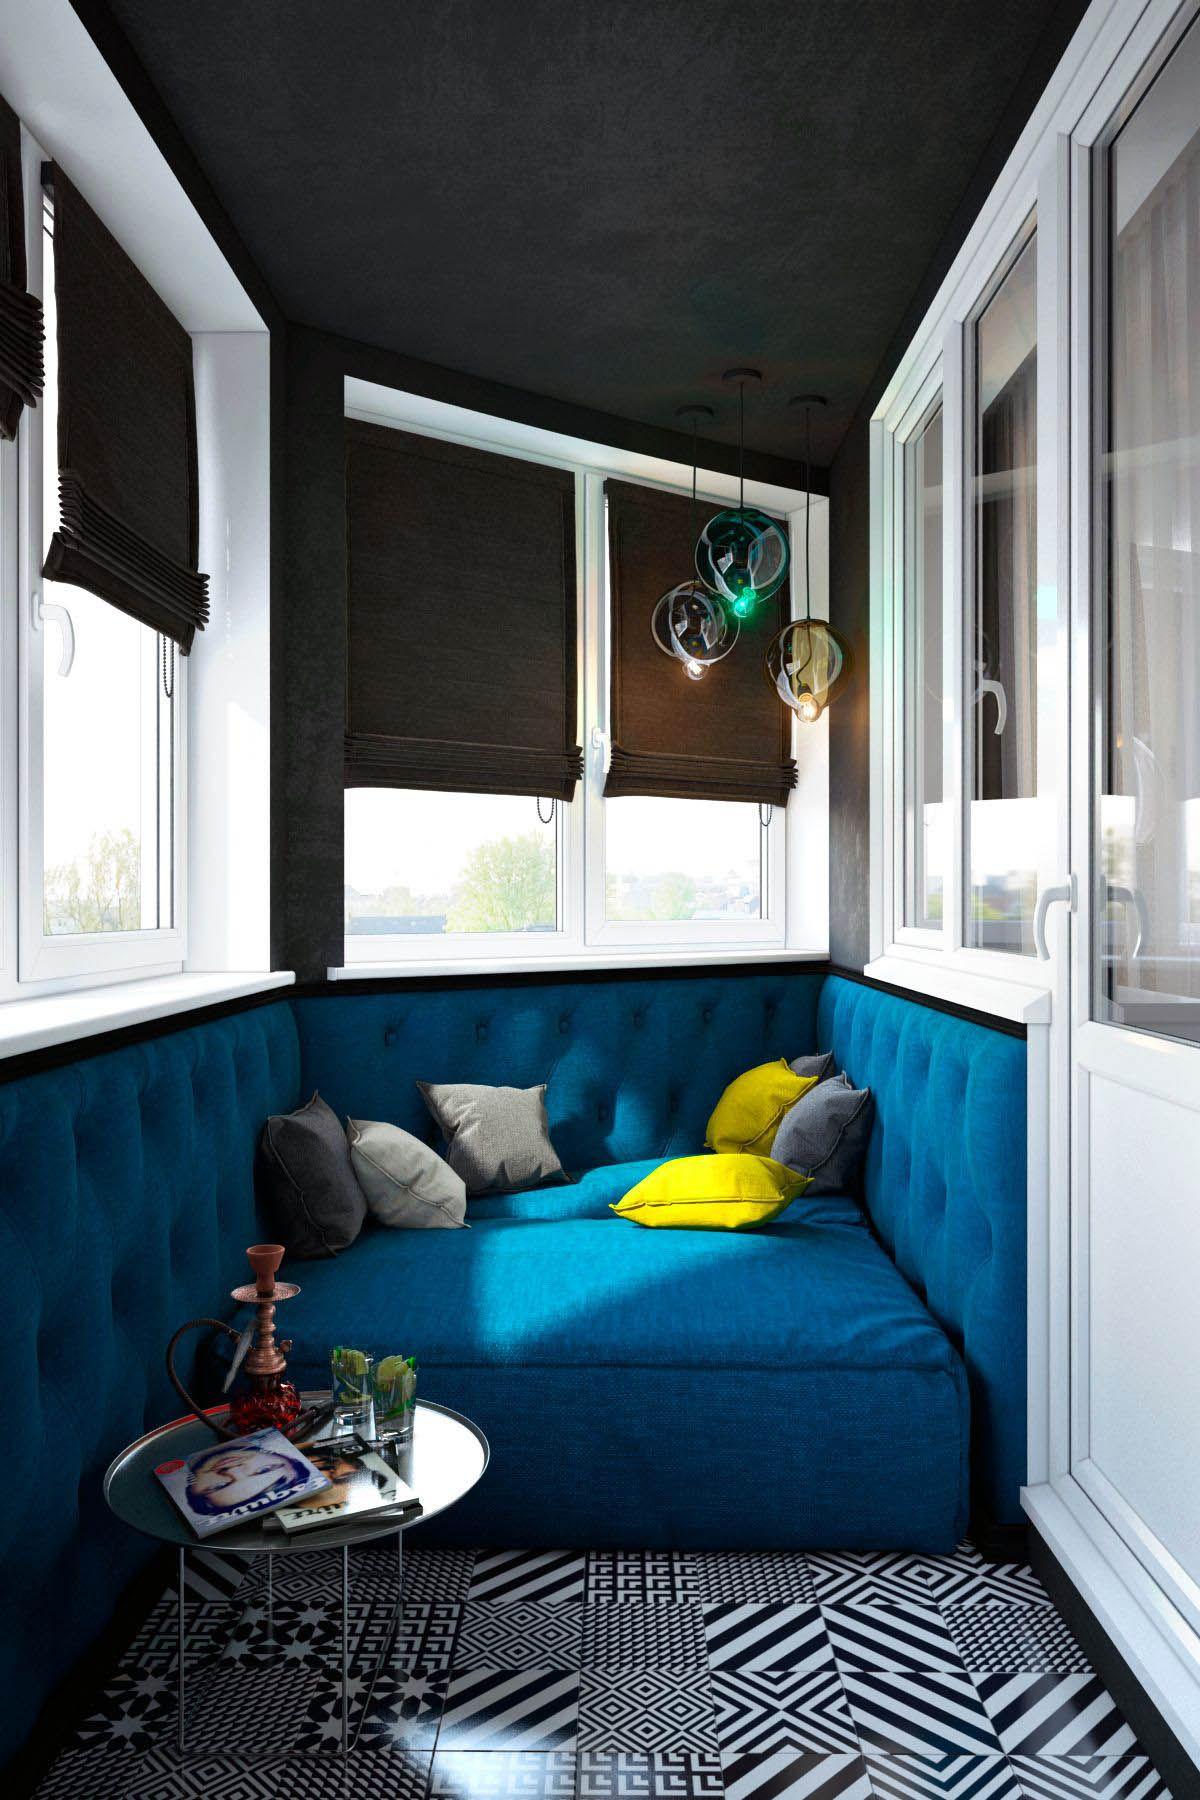 Cozy Balcony Decorating Ideas: 14 Cozy Balcony Ideas And Decor Inspiration